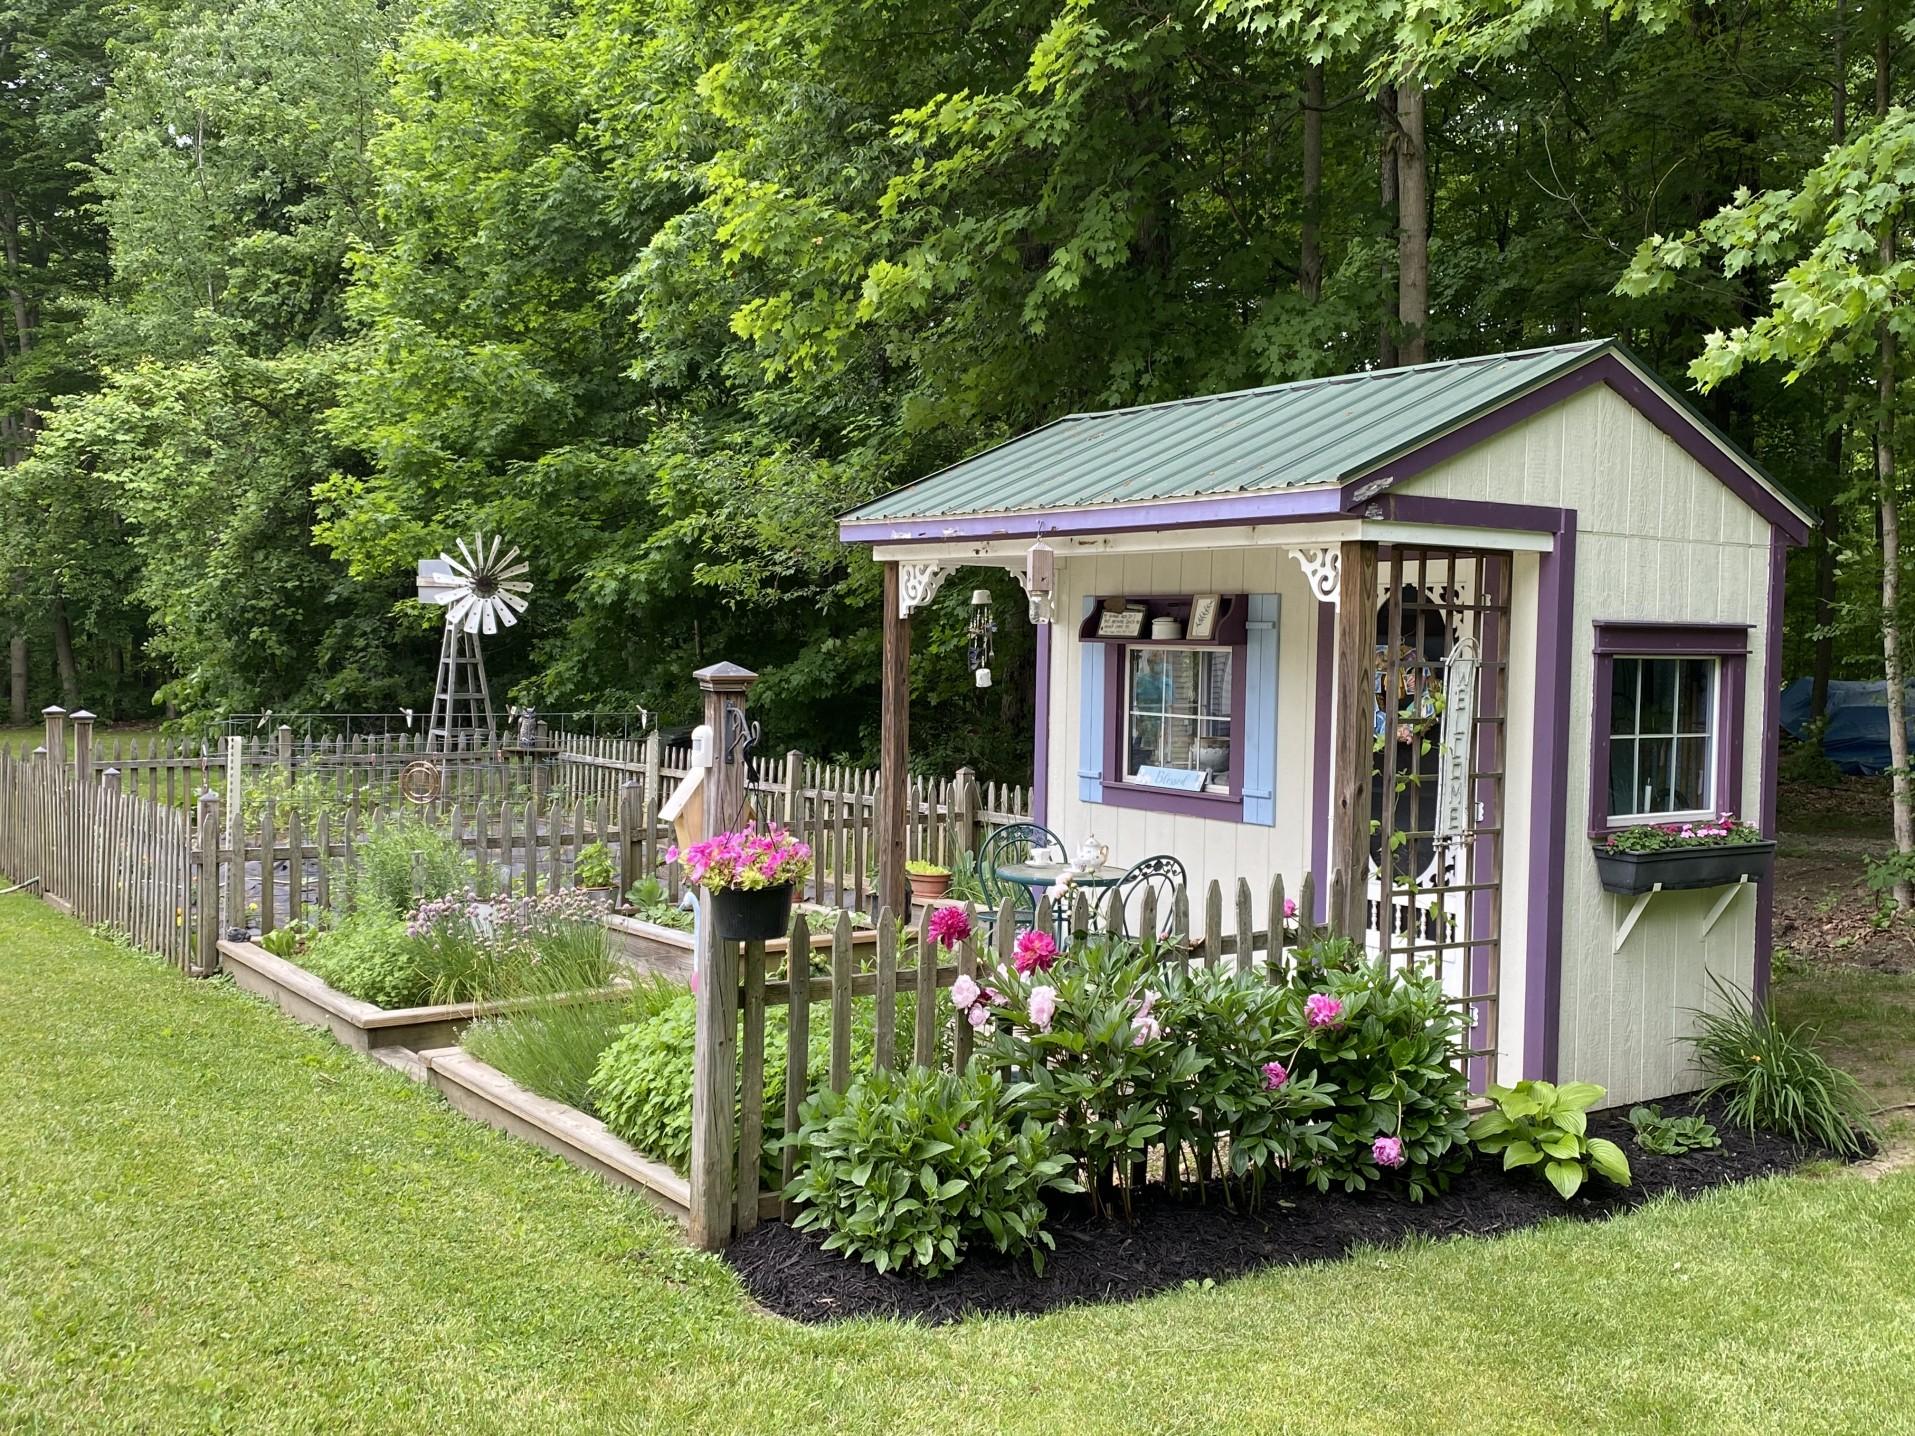 Ein Gartenhaus ist praktisch und gemütlich zugleich. Foto teach255 via Twenty20